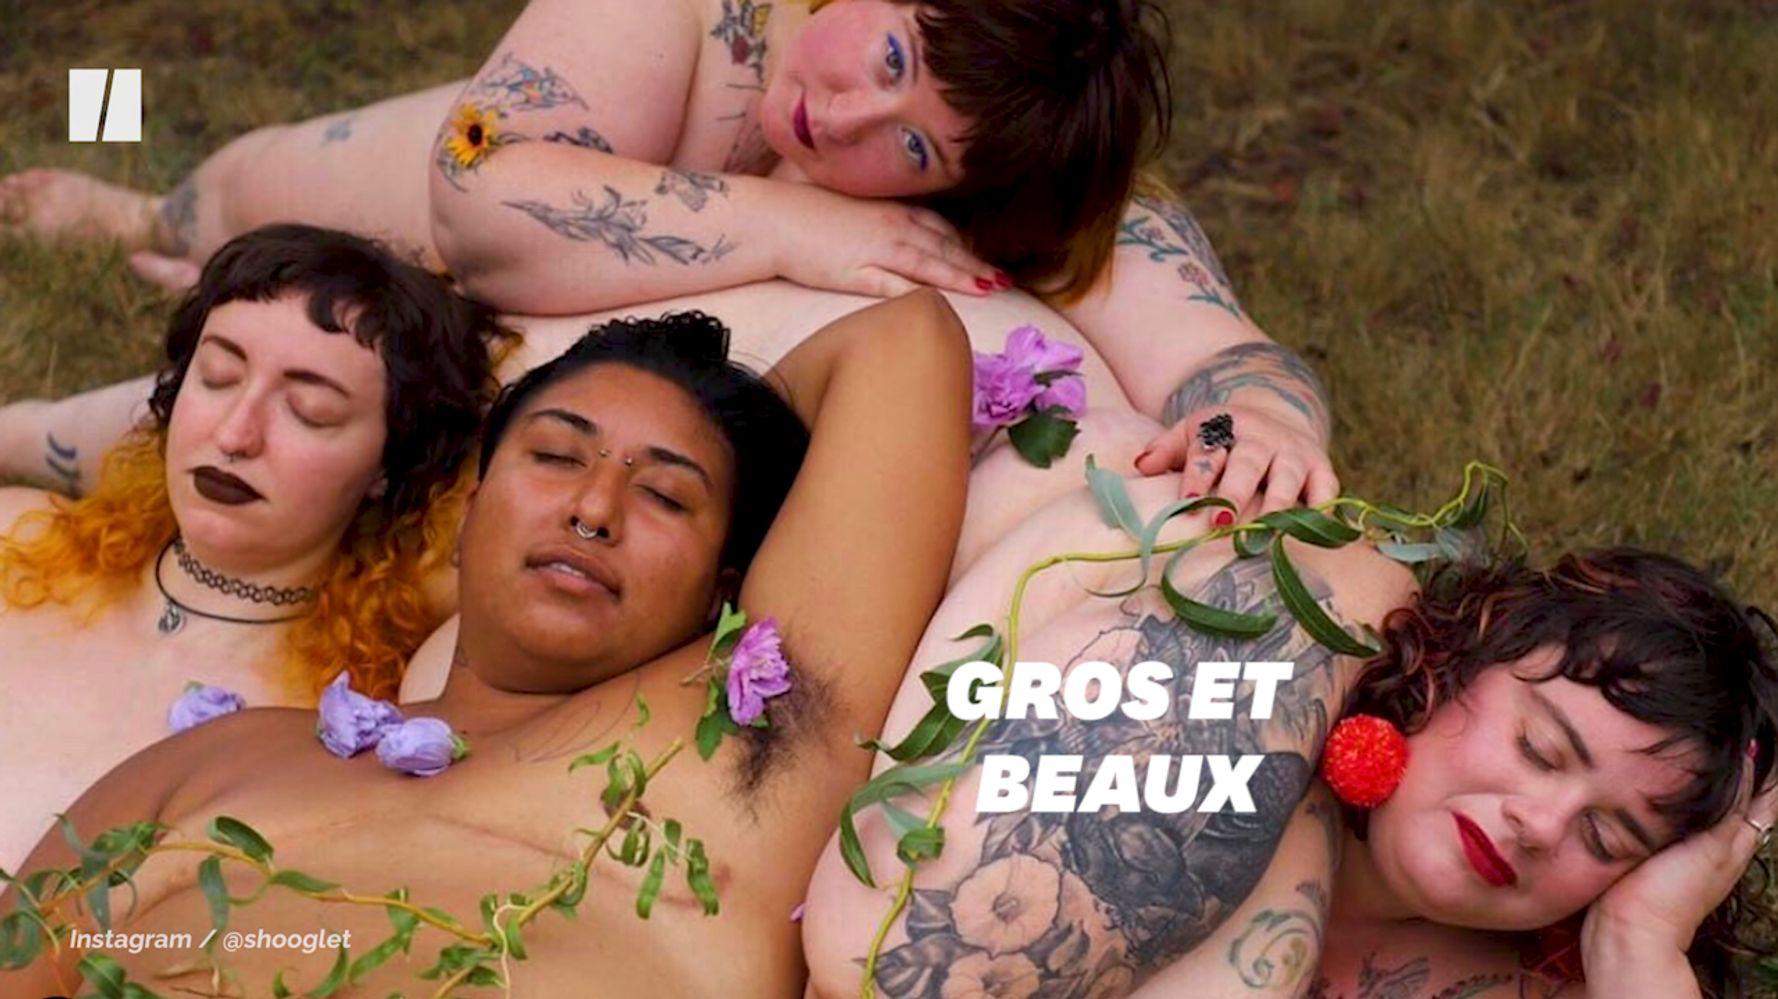 Elle photographie des corps hors-norme pour en montrer la beauté